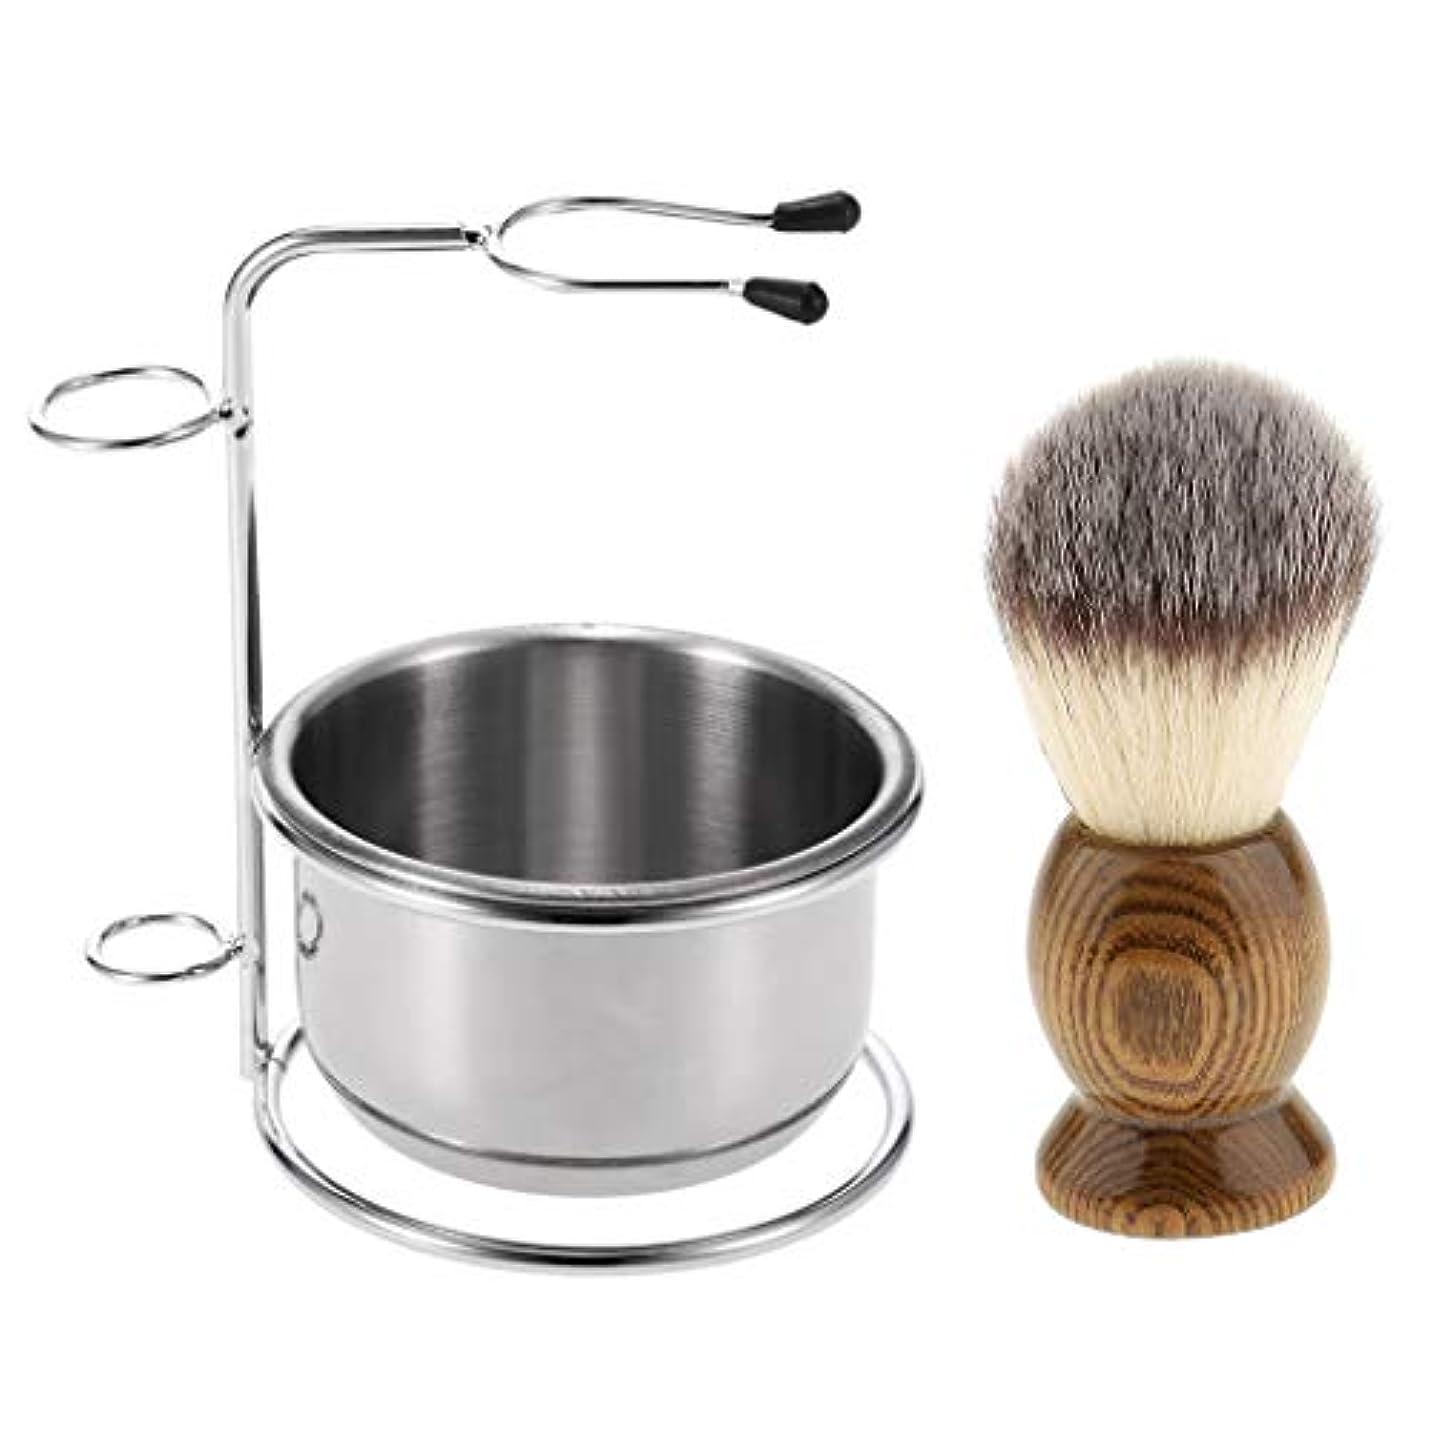 ロッカー芽損なうHellery 金属製ボウル シェービングブラシ ブラシホルダー サロン 髭剃り シェービングキット 美容室ツール